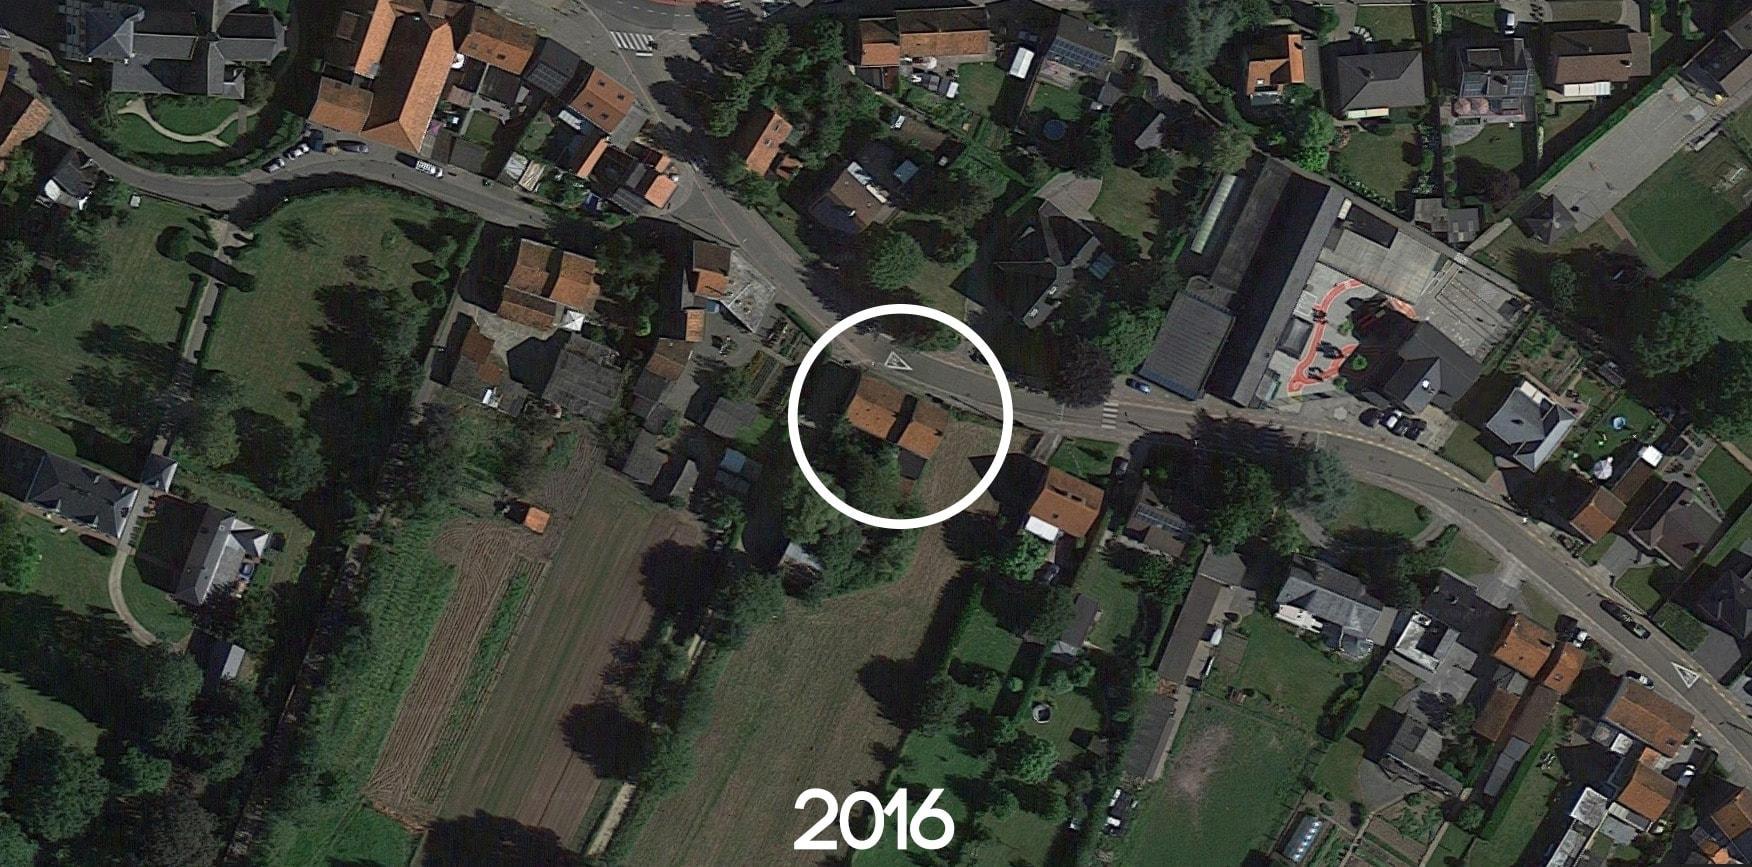 maison-luka-magnotta-map2016